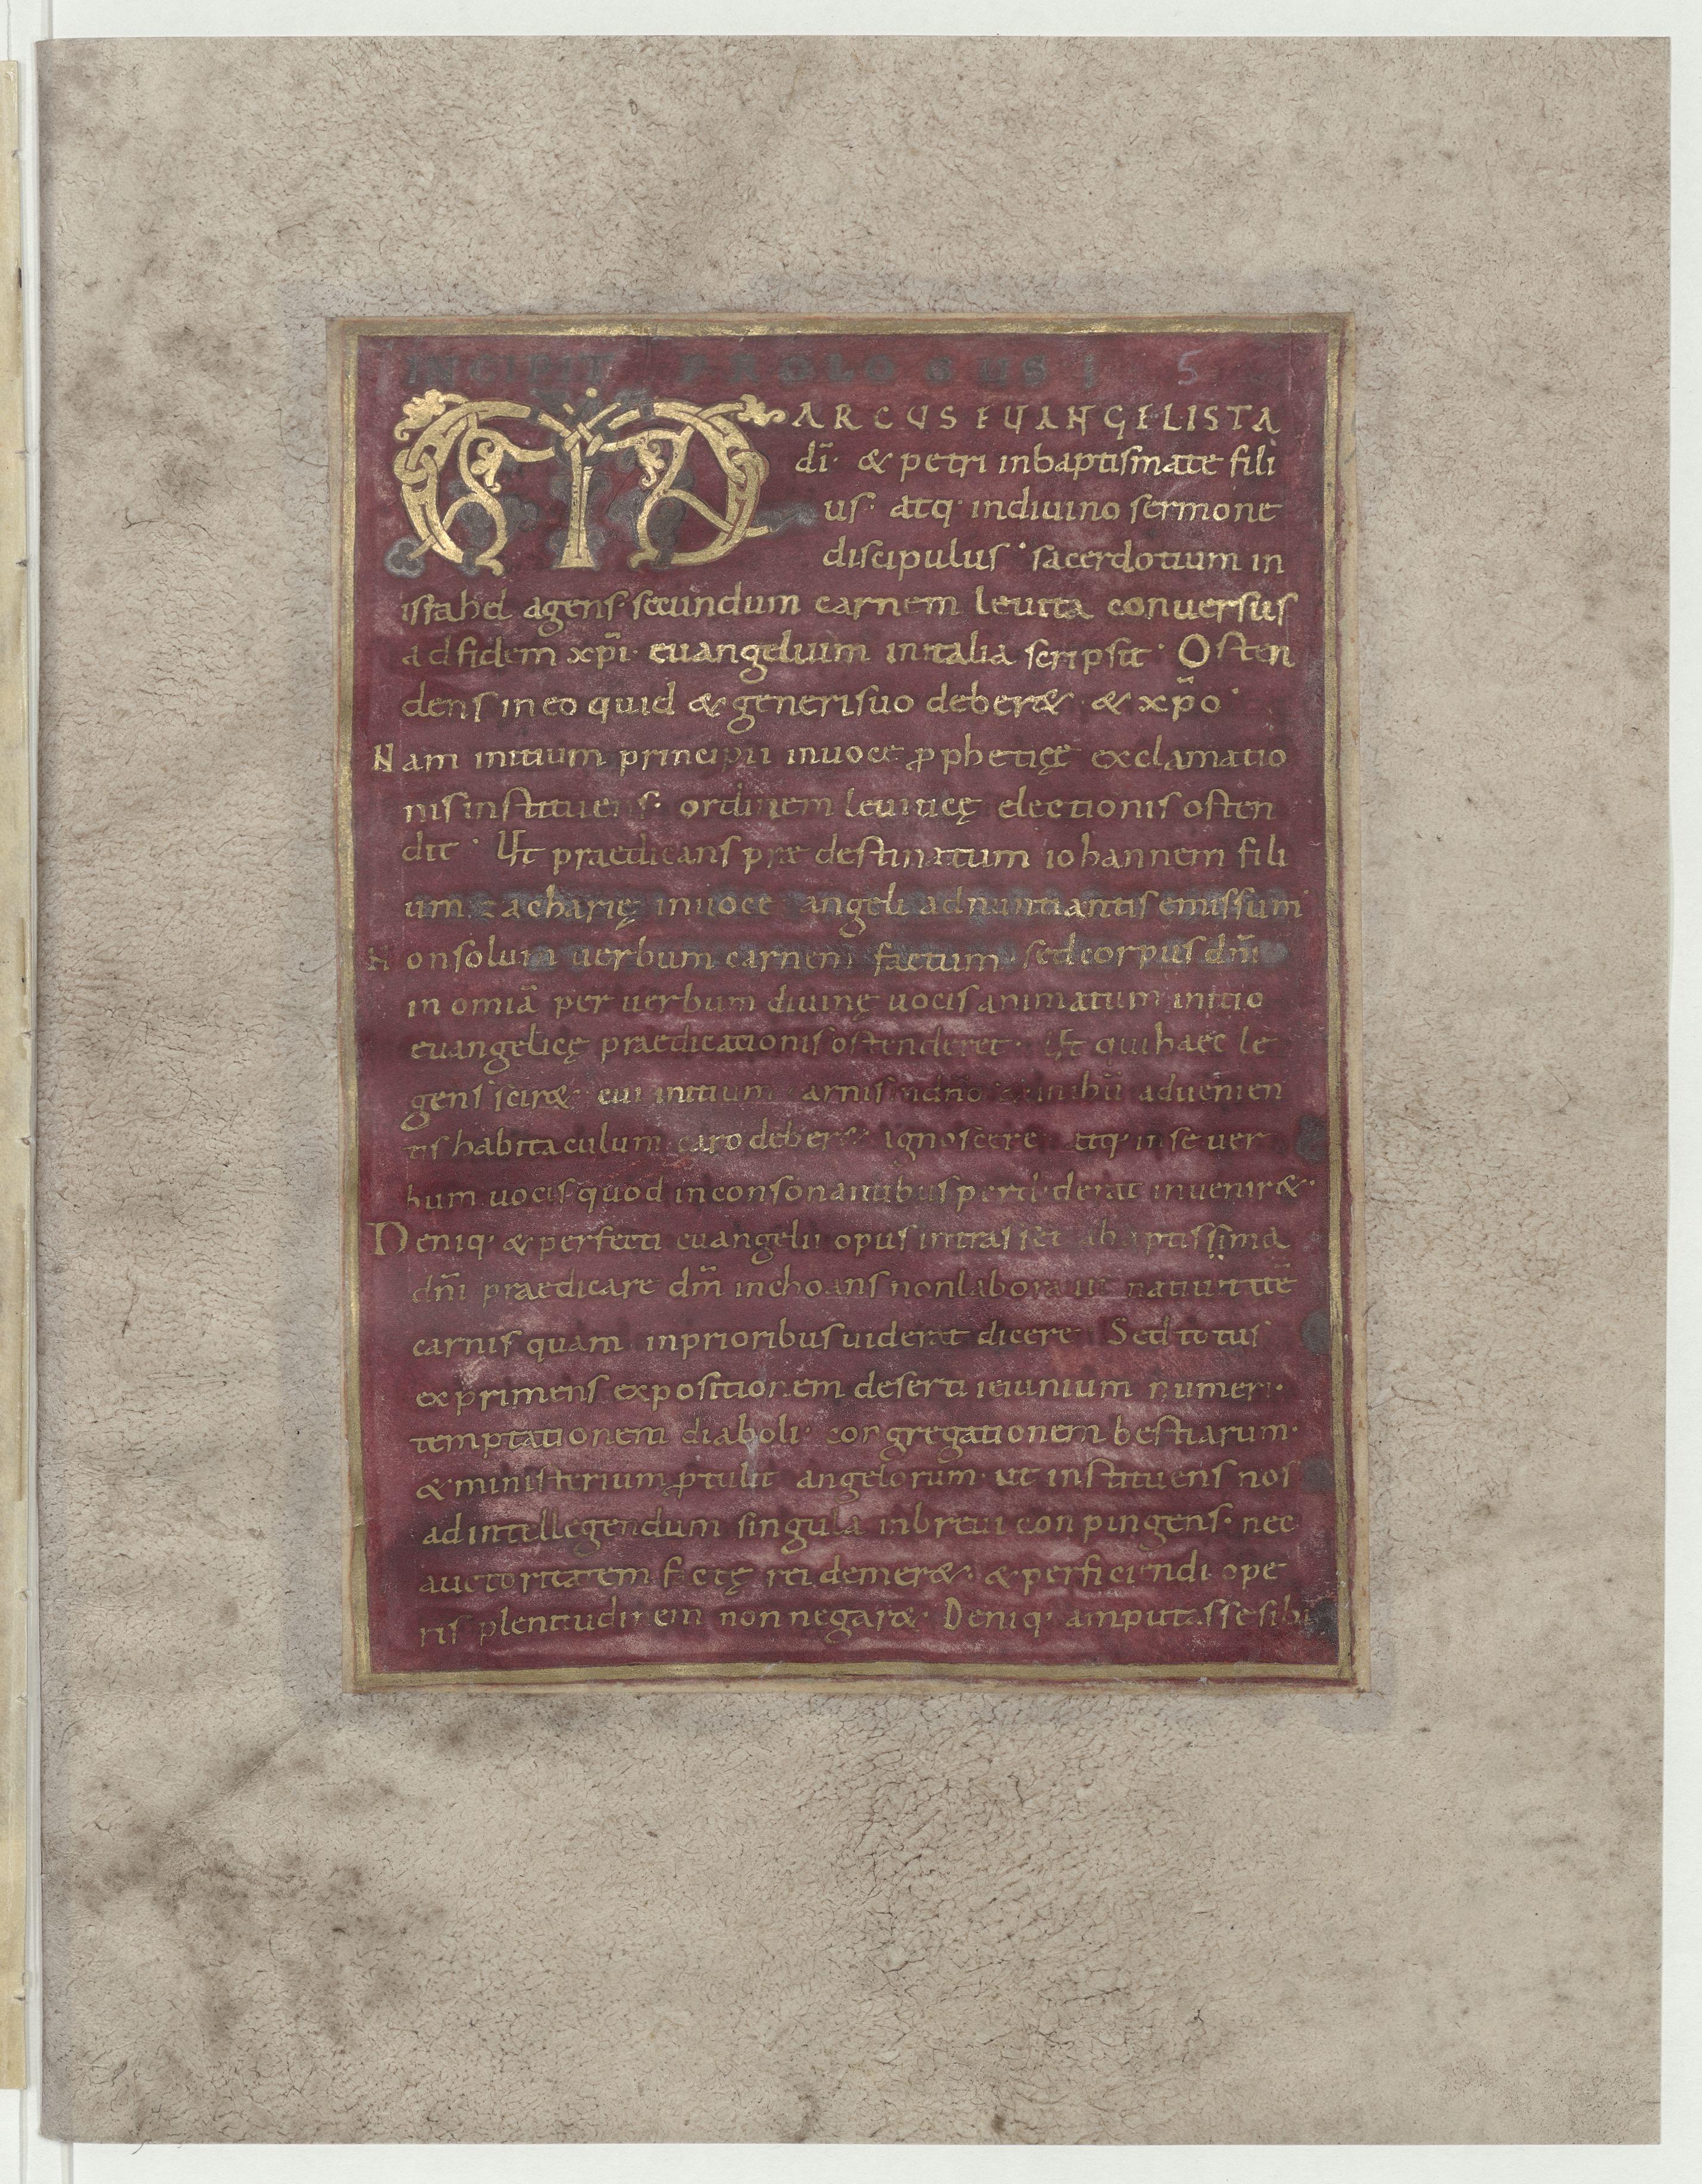 Contenu du Evangelium secundum Marcum